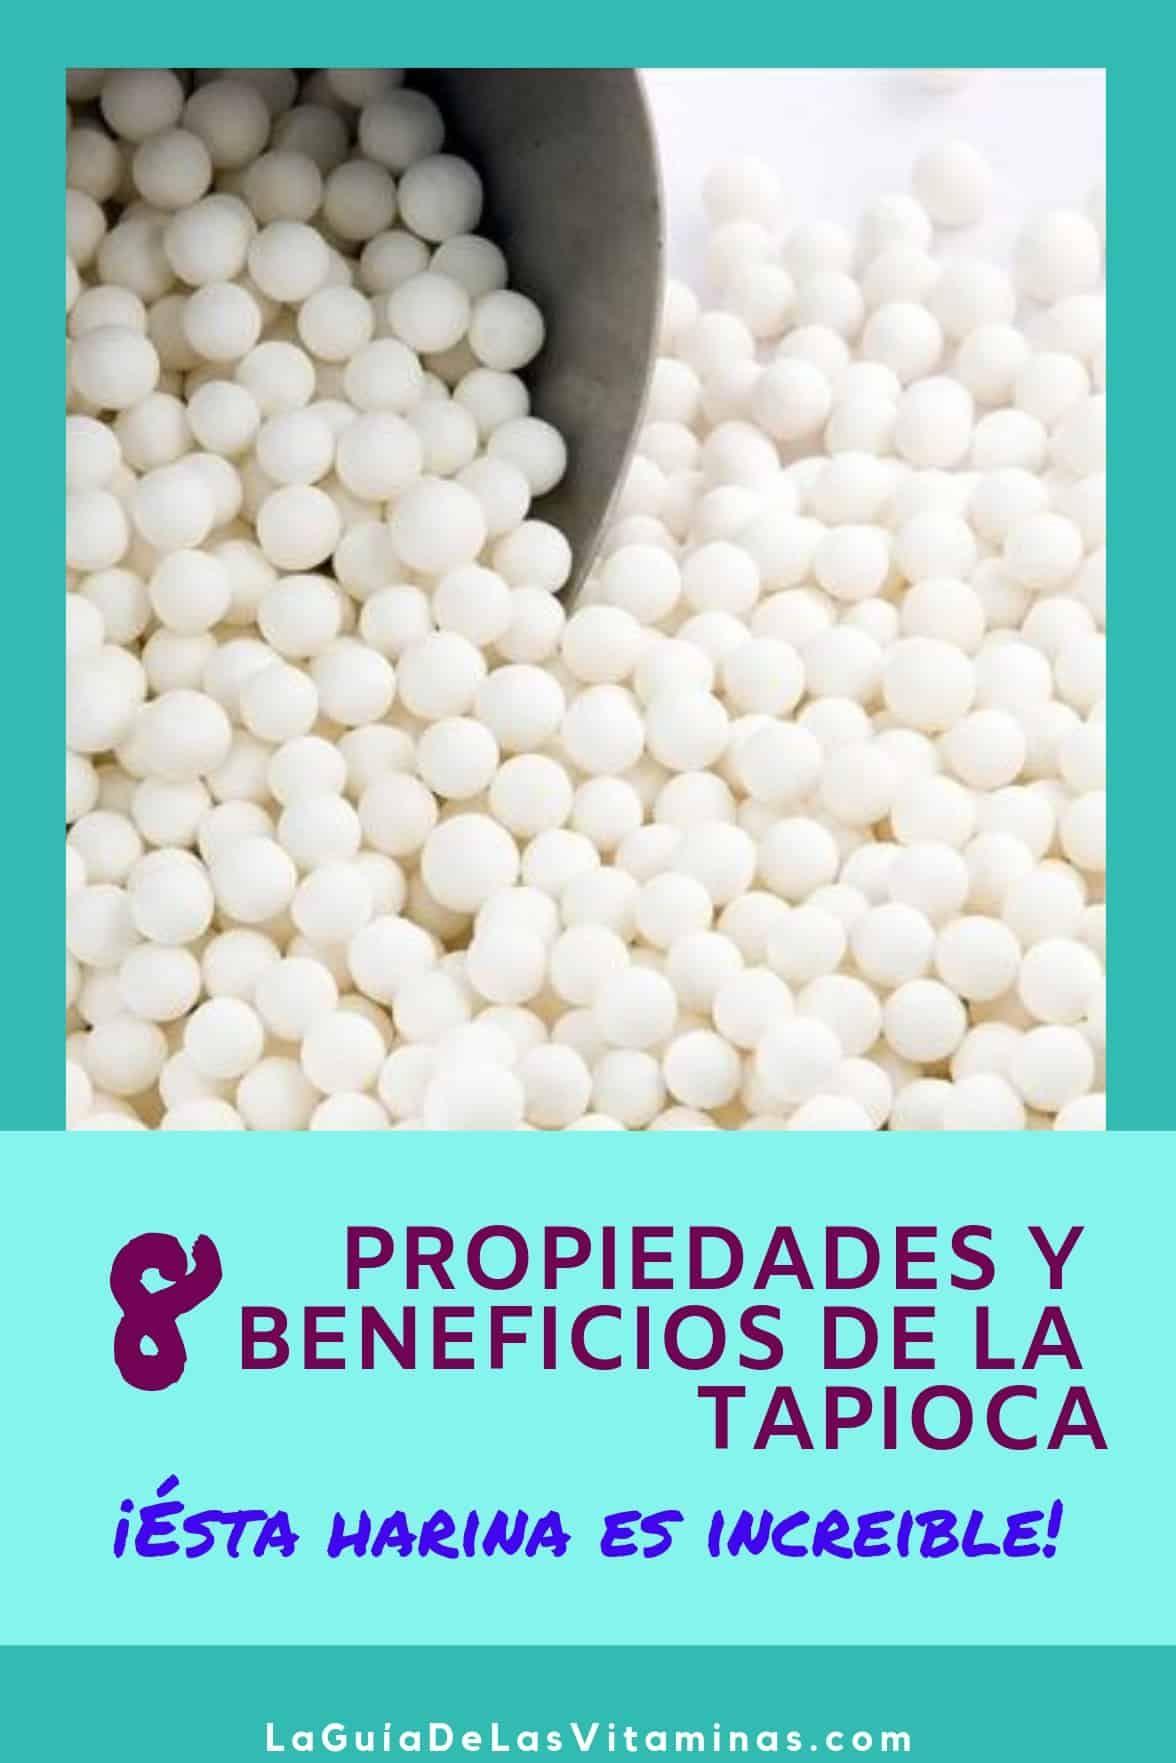 Propiedades de la tapioca